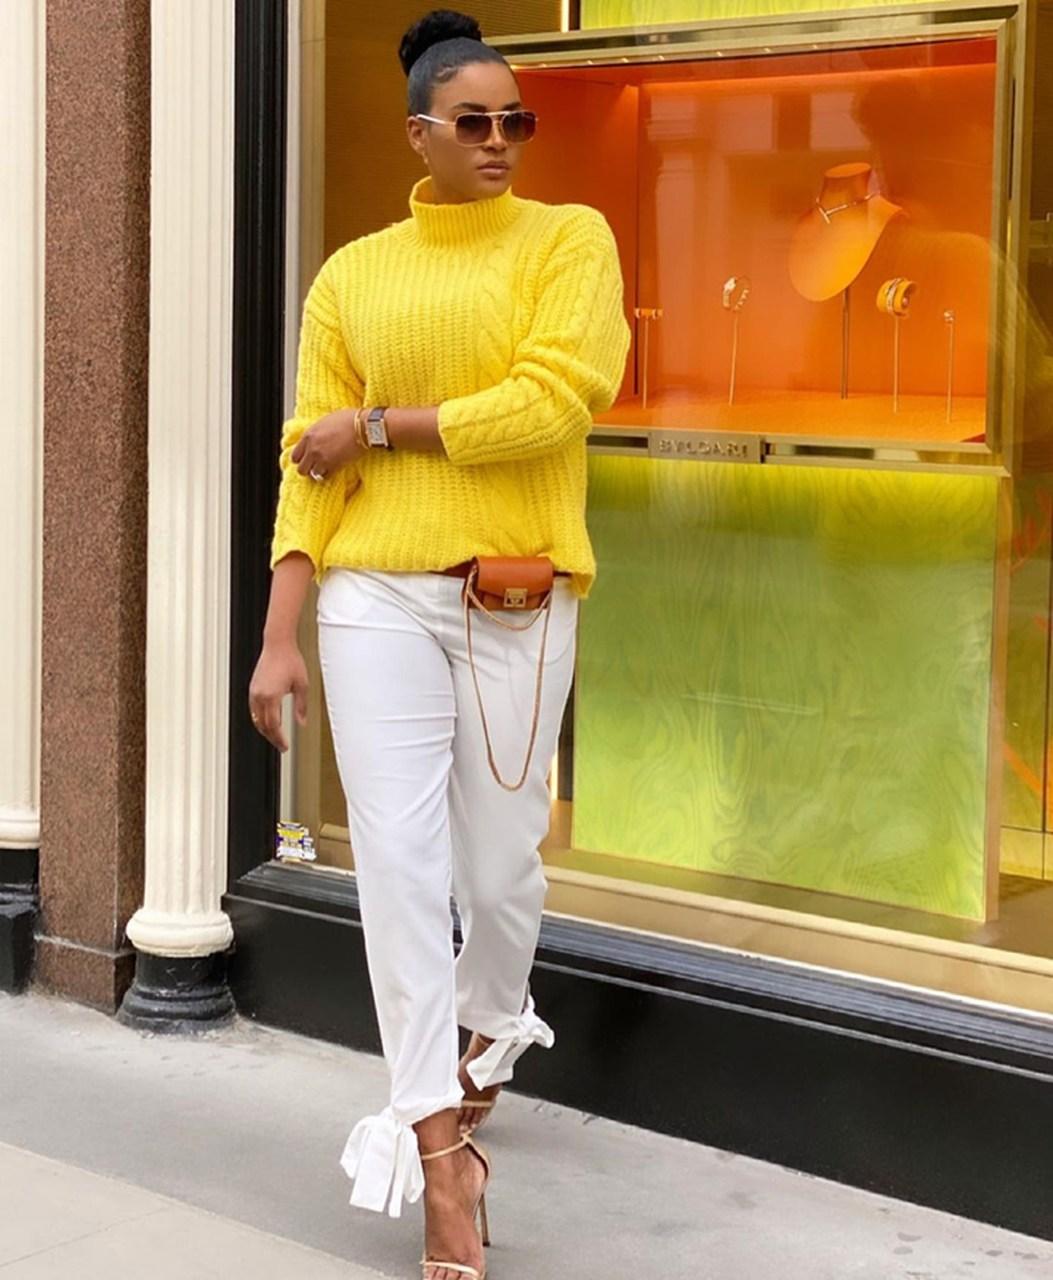 Confira 3 dicas básicas de moda e estilo para vestir-se bem